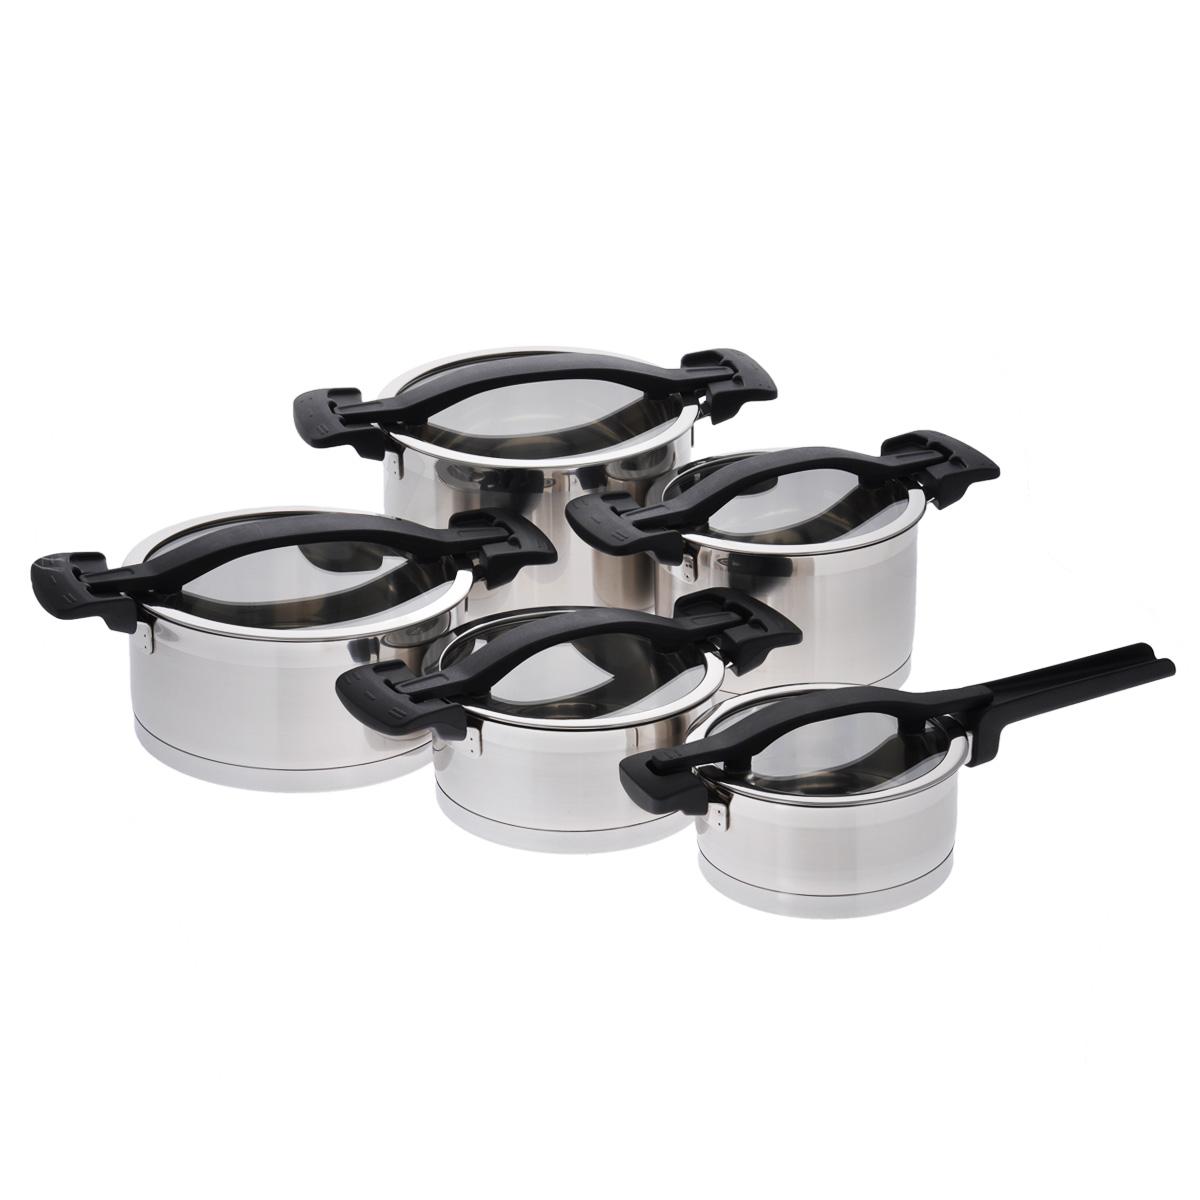 Набор посуды Tescoma Ultima, 10 предметов780610Набор посуды Tescoma Ultima, изготовленный из высококачественной нержавеющей стали 18/10, состоит из четырех кастрюль и ковша. Все предметы набора оснащены стеклянными крышками. Крышки снабжены ободами из нержавеющей стали и удобными нейлоновыми ручками. Уникальные крышки оснащены тремя рабочими функциями: без отверстия для пара - быстрое кипячение и разогрев еды, экономия энергии; небольшое отверстие для пара - для комфортного приготовления пищи; большое отверстие для пара - для приготовления жидких блюд, картофеля, макарон, супов. Посуда снабжена толстым многослойным дном, что значительно снижает вероятность пригорания пищи. Внешняя поверхность изделий оформлена сочетанием зеркальной и матовой полировки. Изделия оснащены удобными ручками из прочного и легкого нейлона. Набор посуды Tescoma Ultima - это идеальный подарок для современных хозяек, которые следят за своим здоровьем и здоровьем своей семьи. Эргономичный дизайн и...